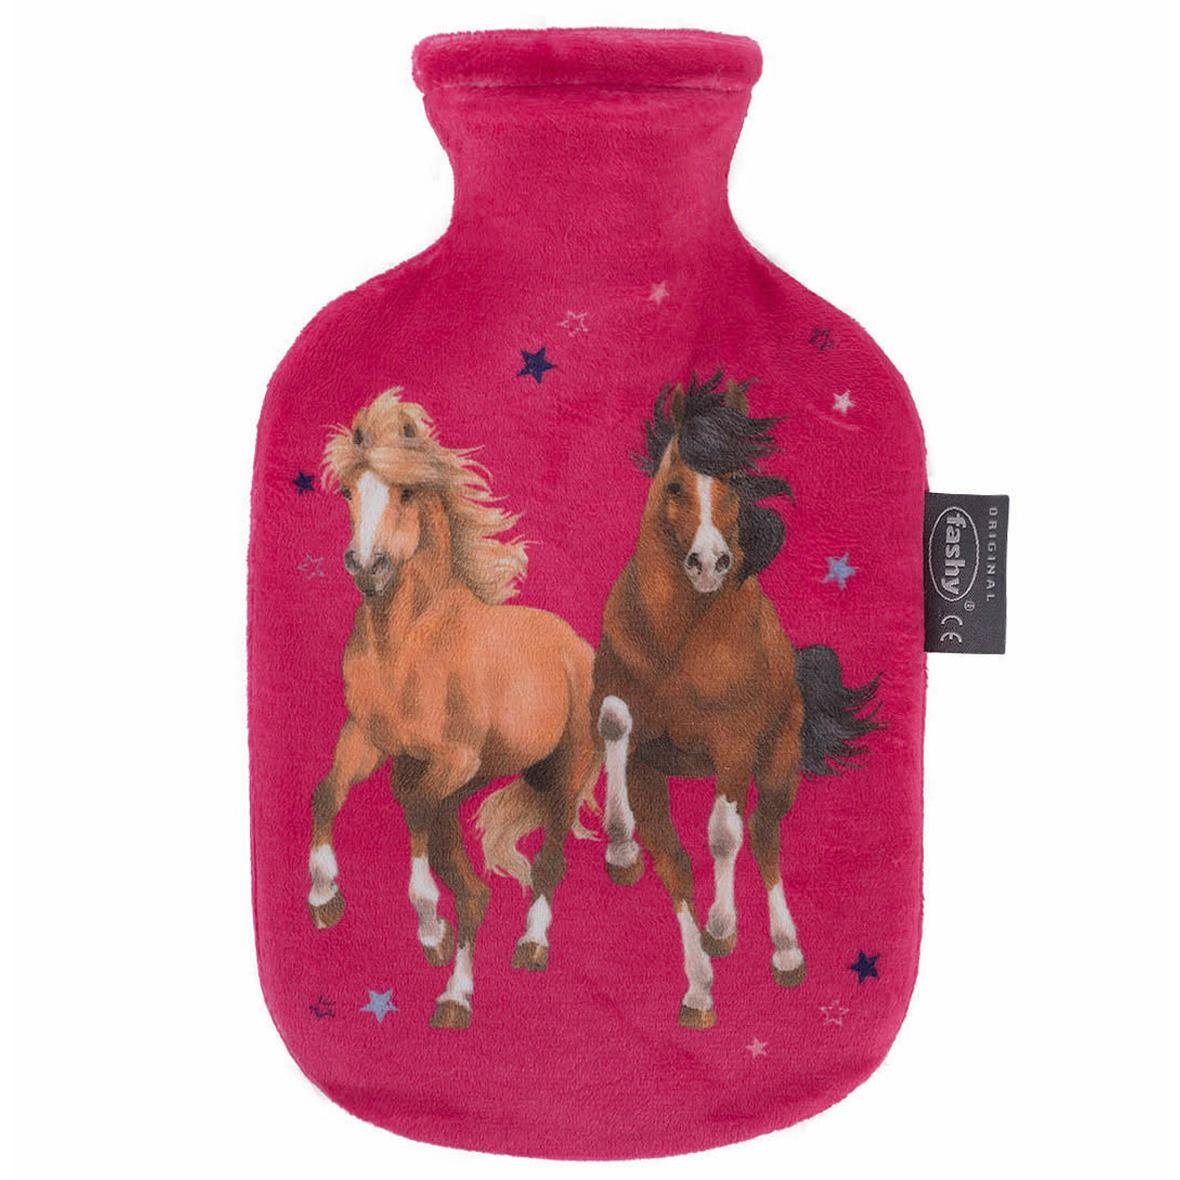 Fuchsia roze kruiken 0,8 liter met paard/pony dieren hoes 0,8 liter